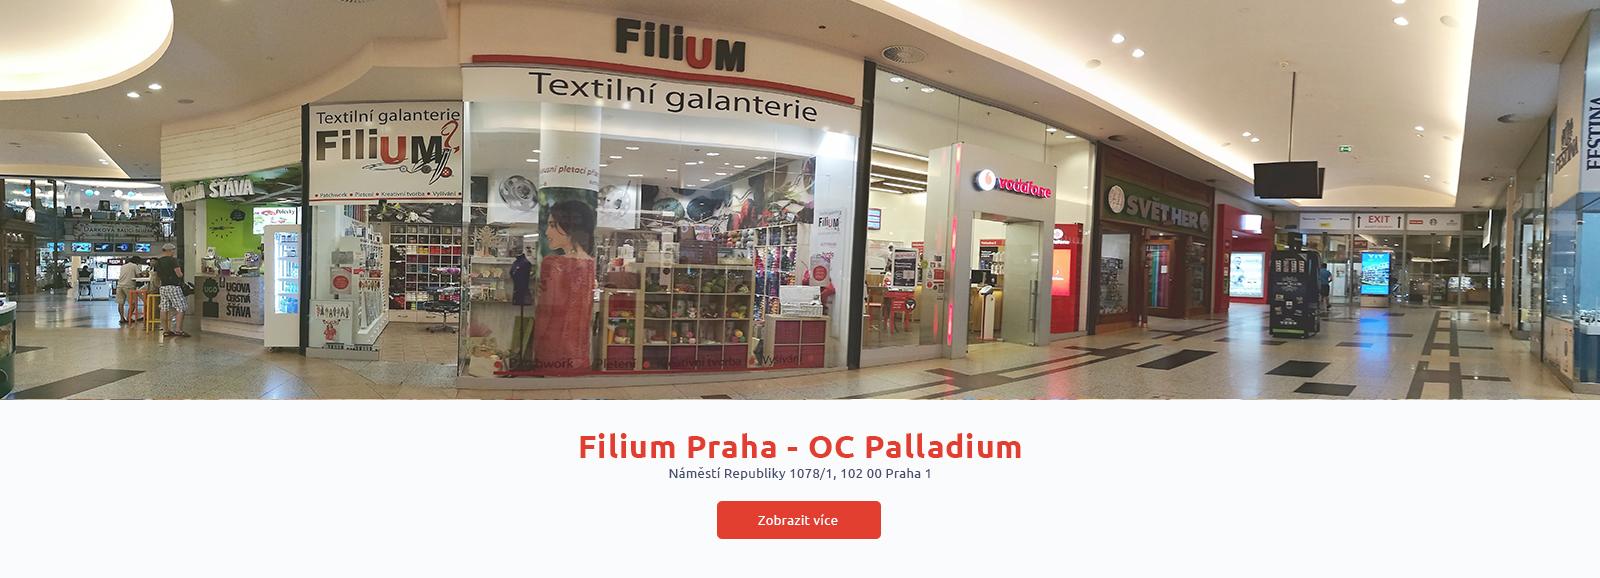 Prodejna Filium OC Palladium